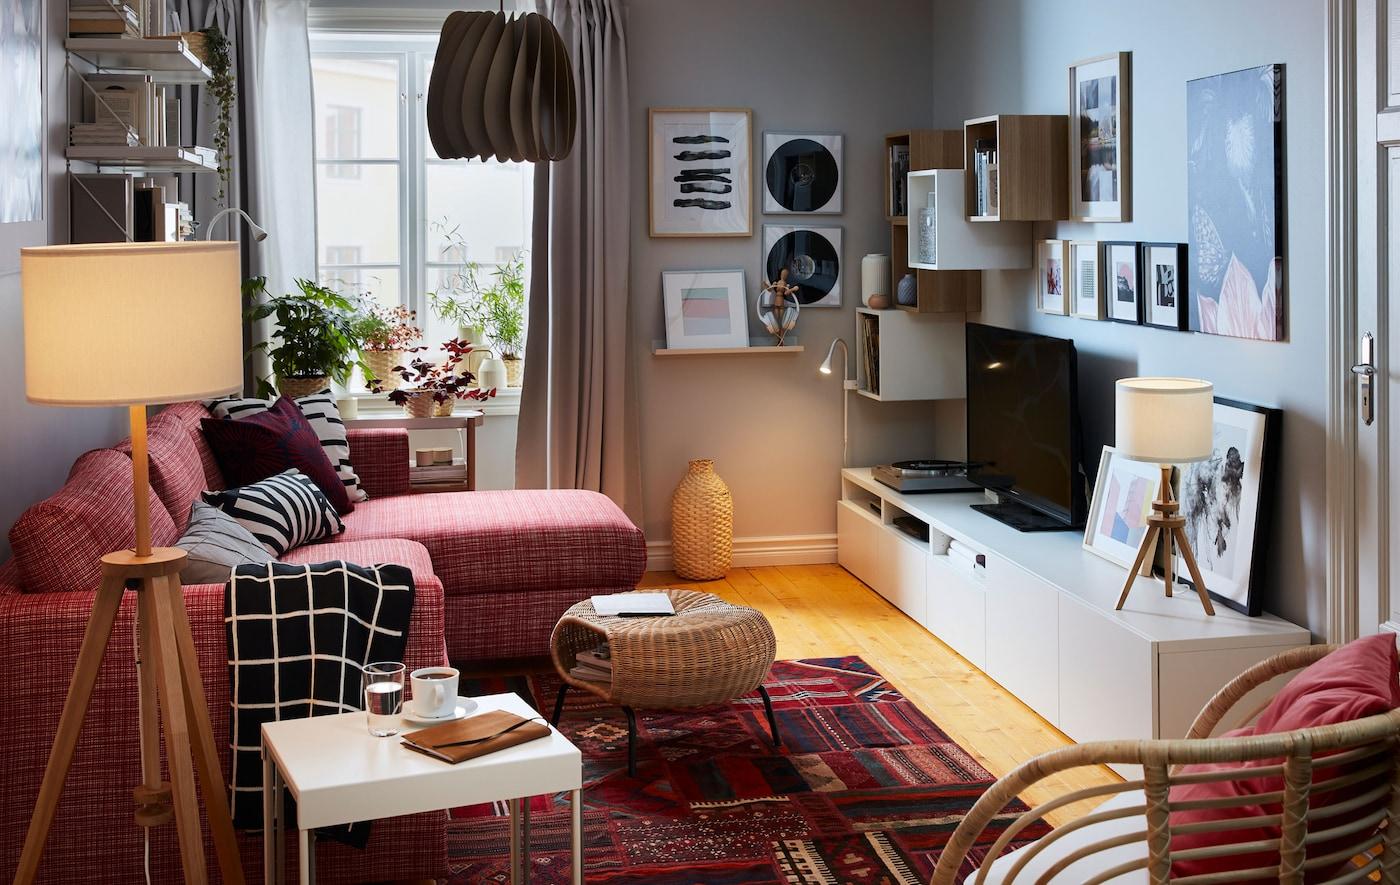 Kompaktna dnevna soba sa sofom na razvlačenje s lenjivcem na jednoj strani: komoda, prostor za odlaganje, TV, stereo i umetnička dela na drugoj.